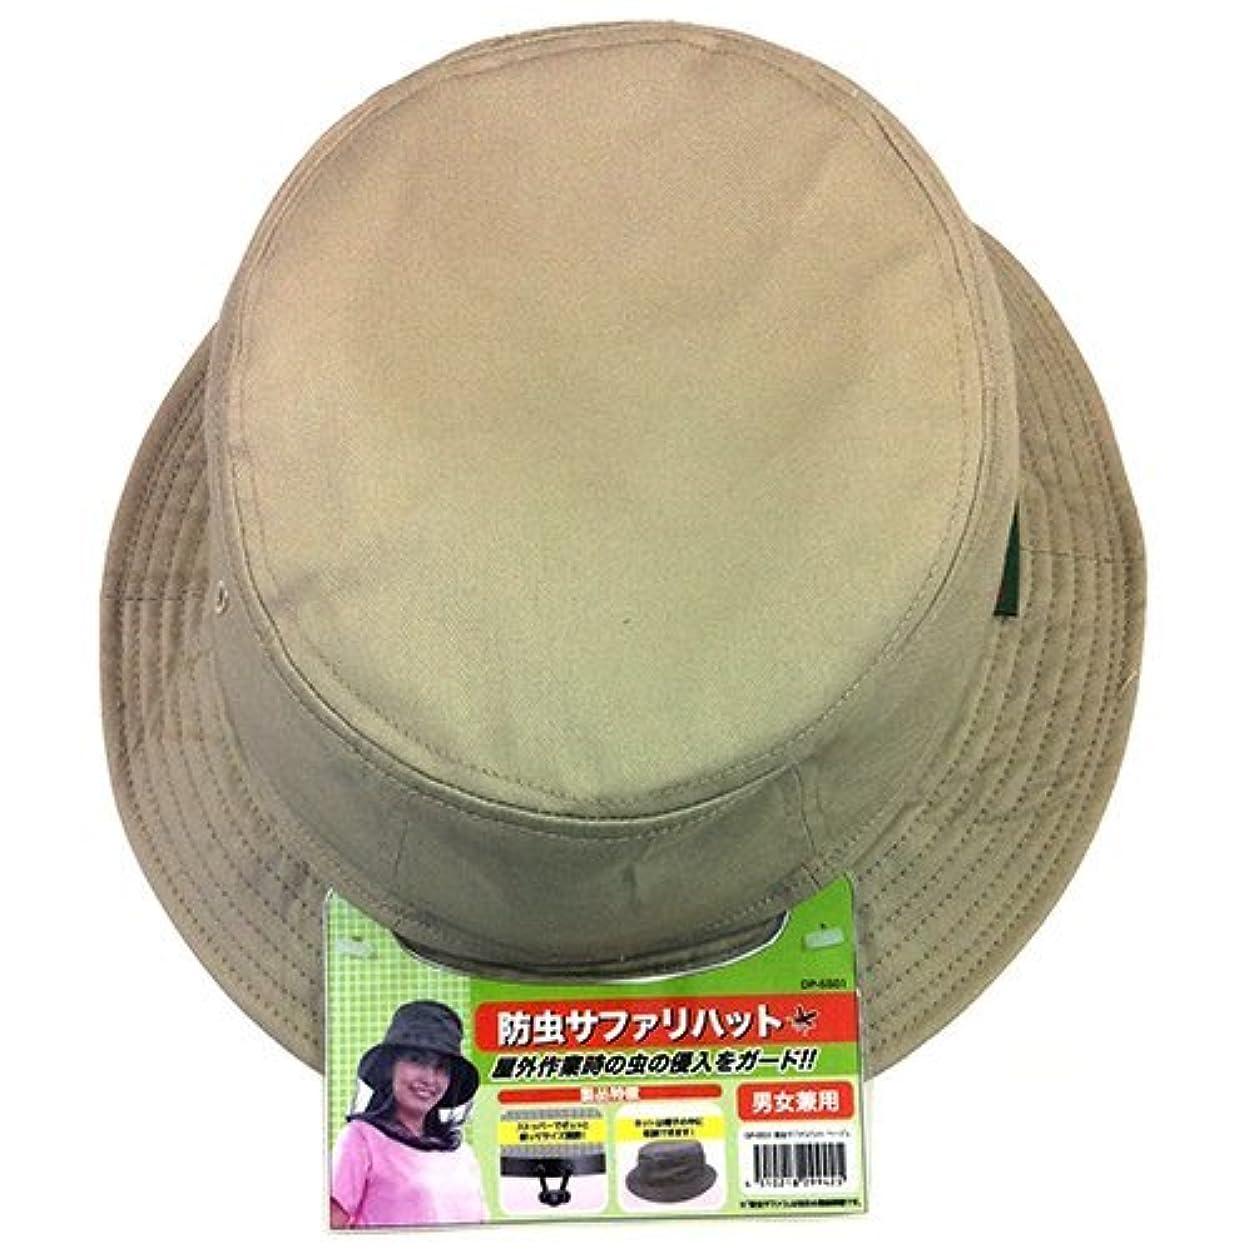 ディックコーポレーション 防虫サファリハット ベージュ DP-5501